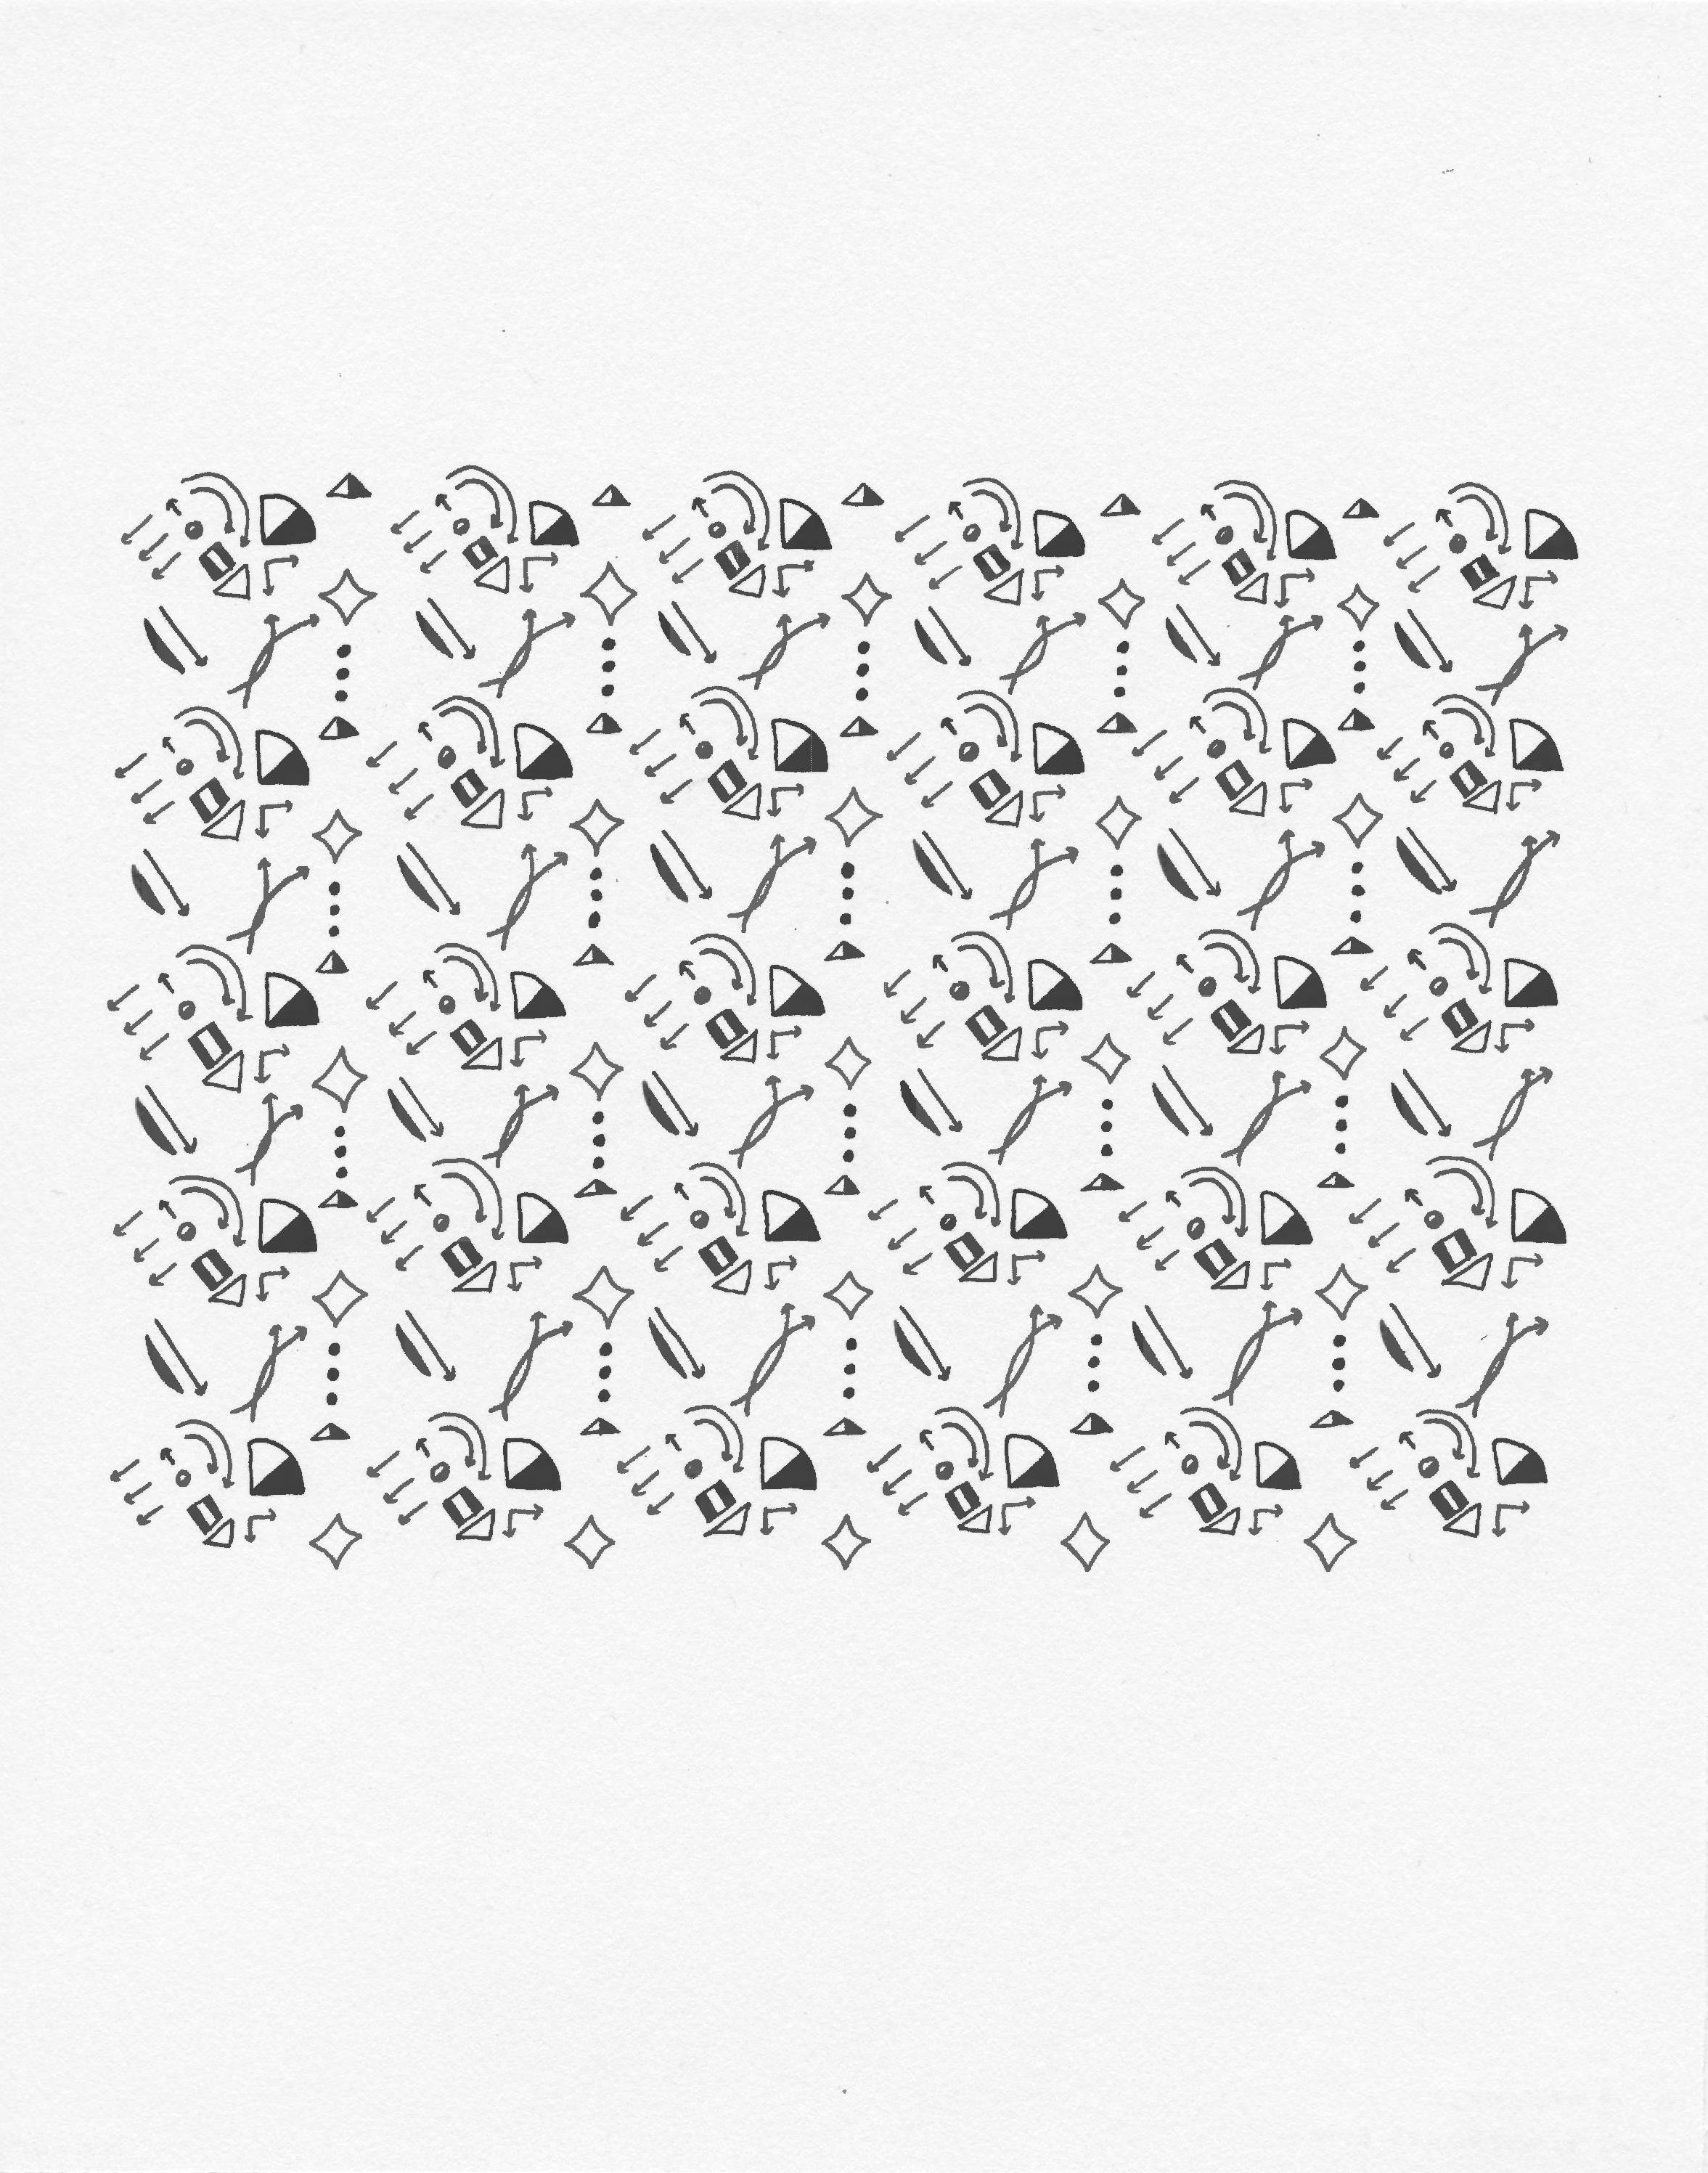 drawings_p13-page-001.jpg